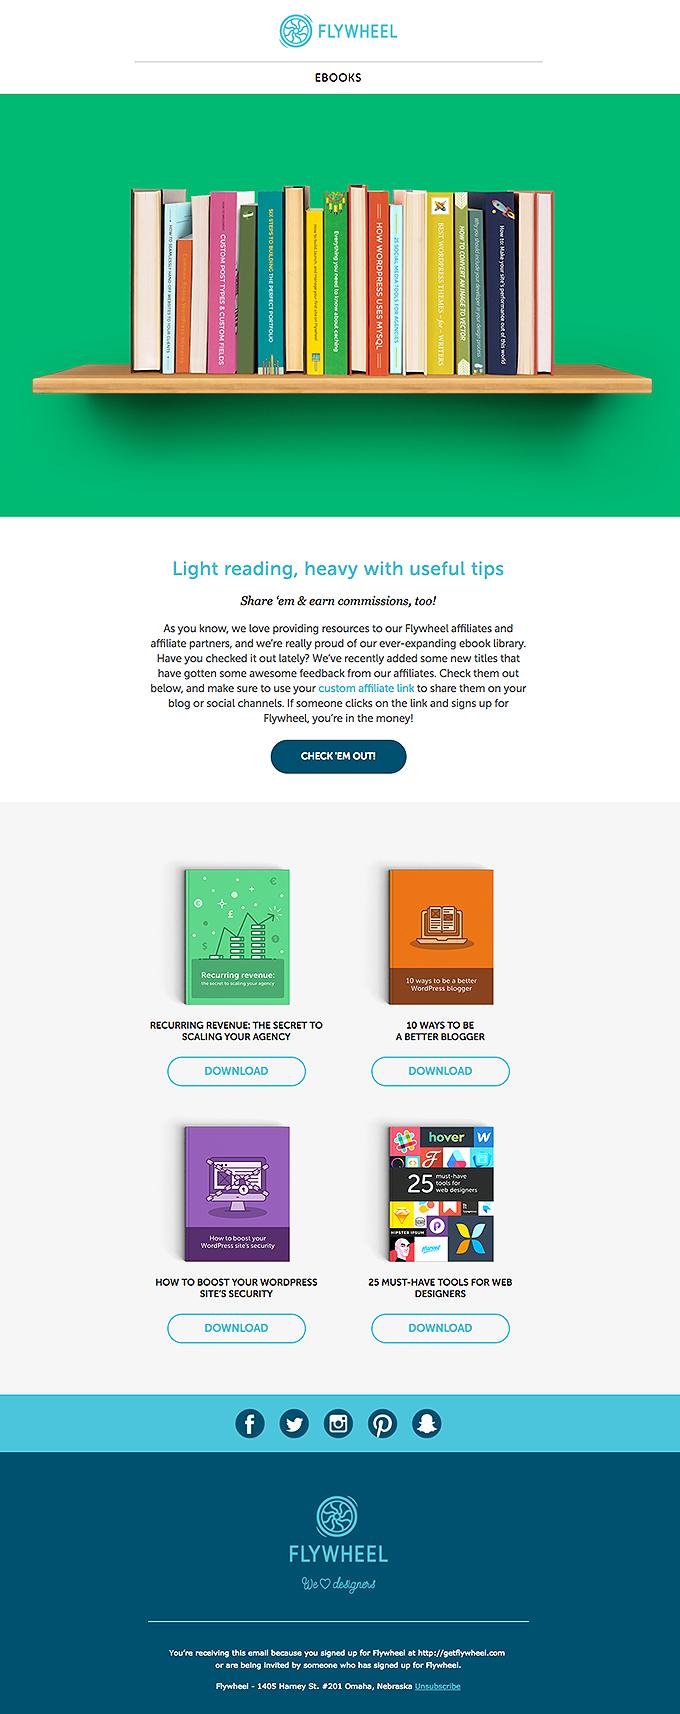 34 FREE ebooks from Flywheel! Read, learn